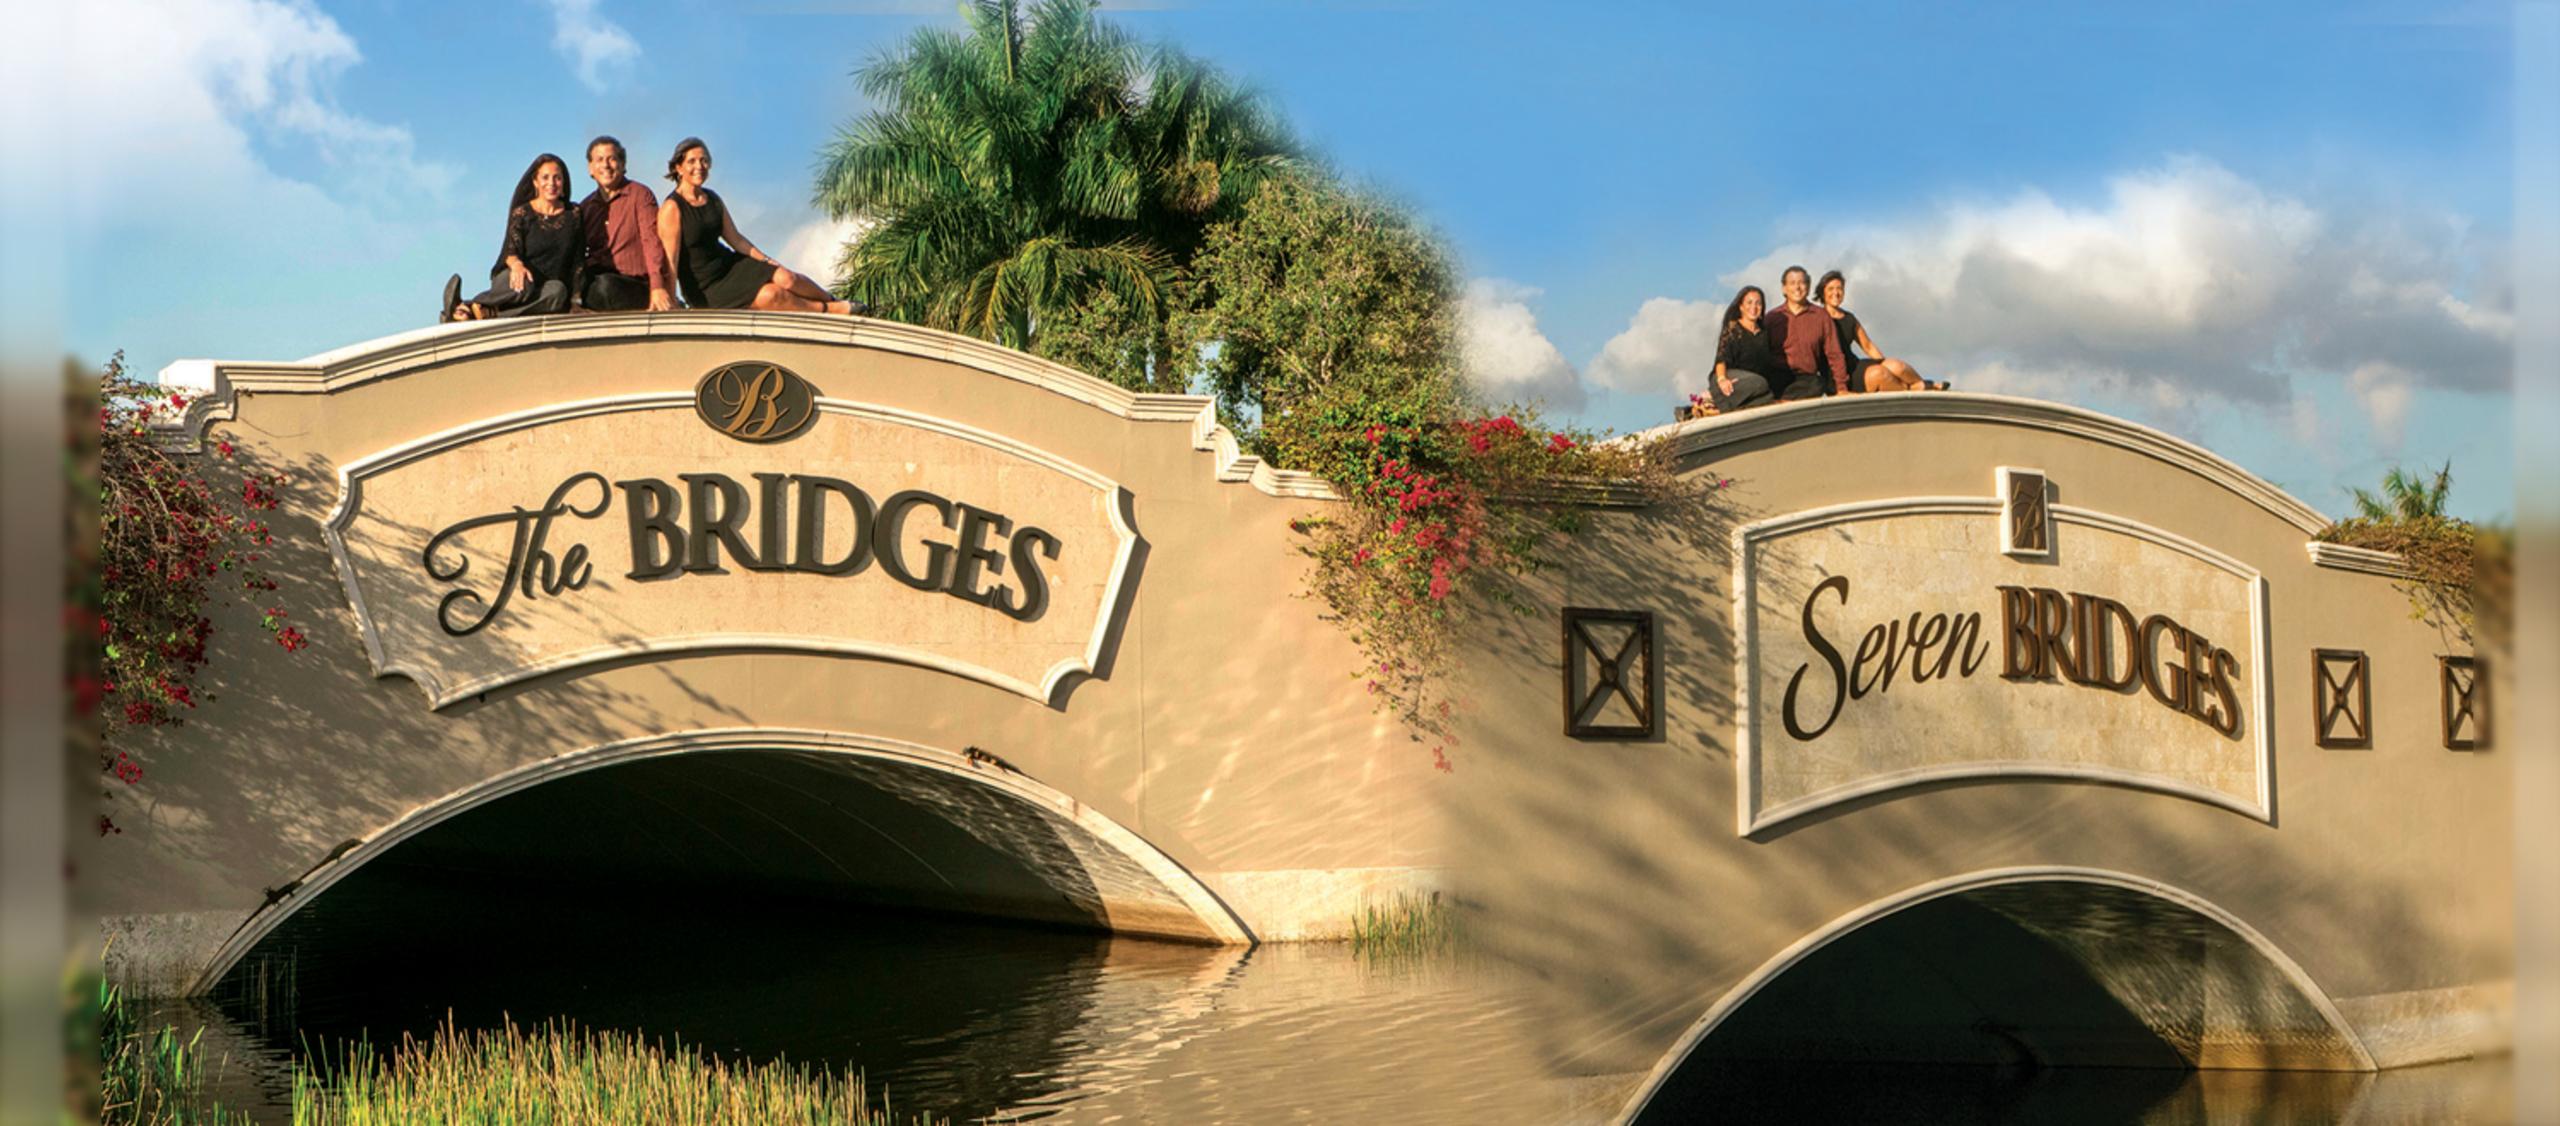 We Specialize In Both The Bridges & The Seven Bridges